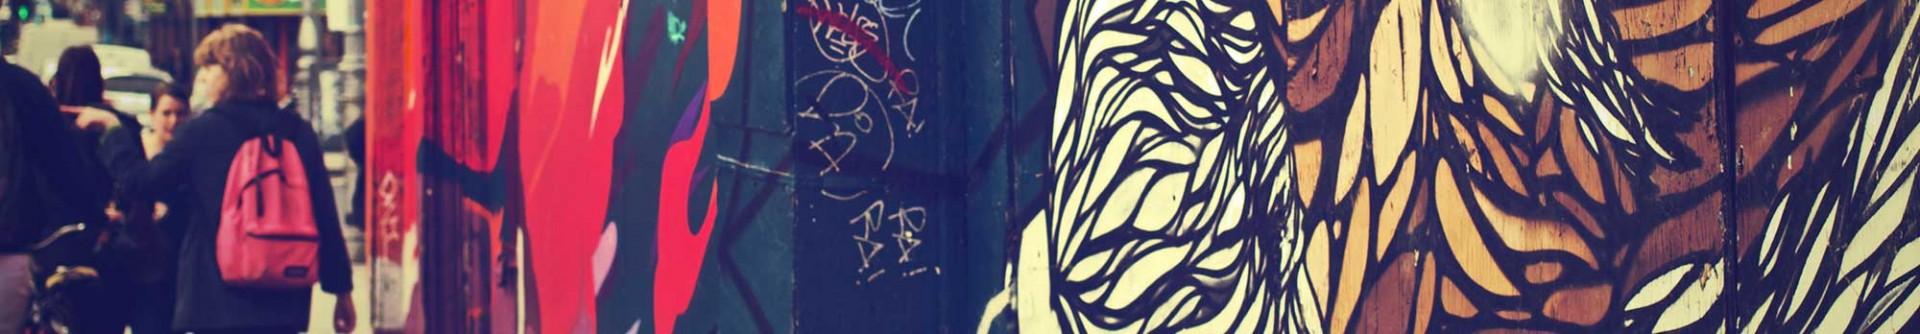 ville-96